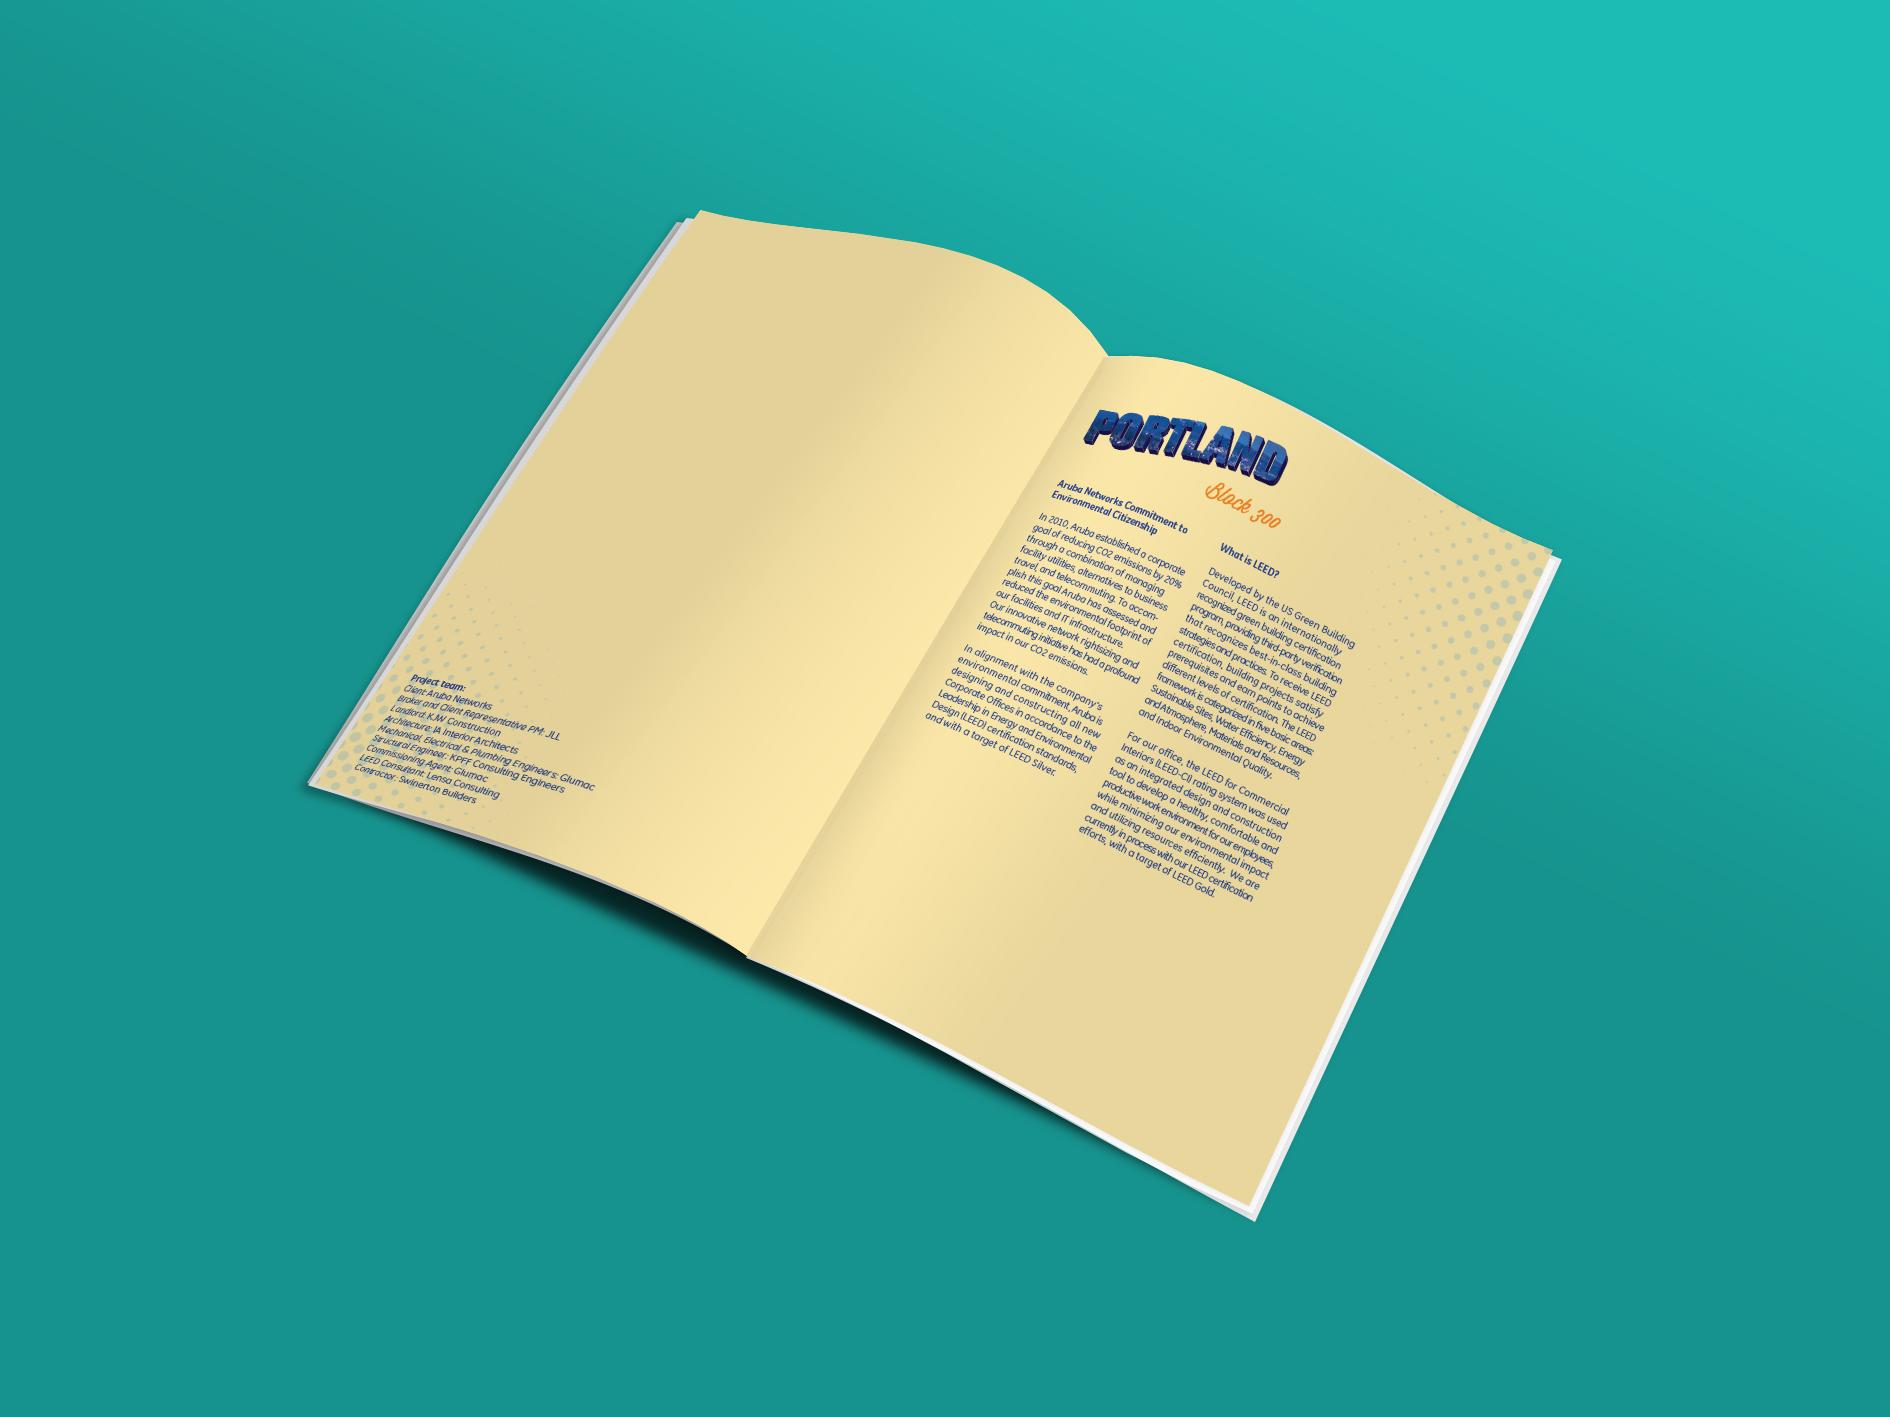 Aruba Networking Leed Brochure On Behance